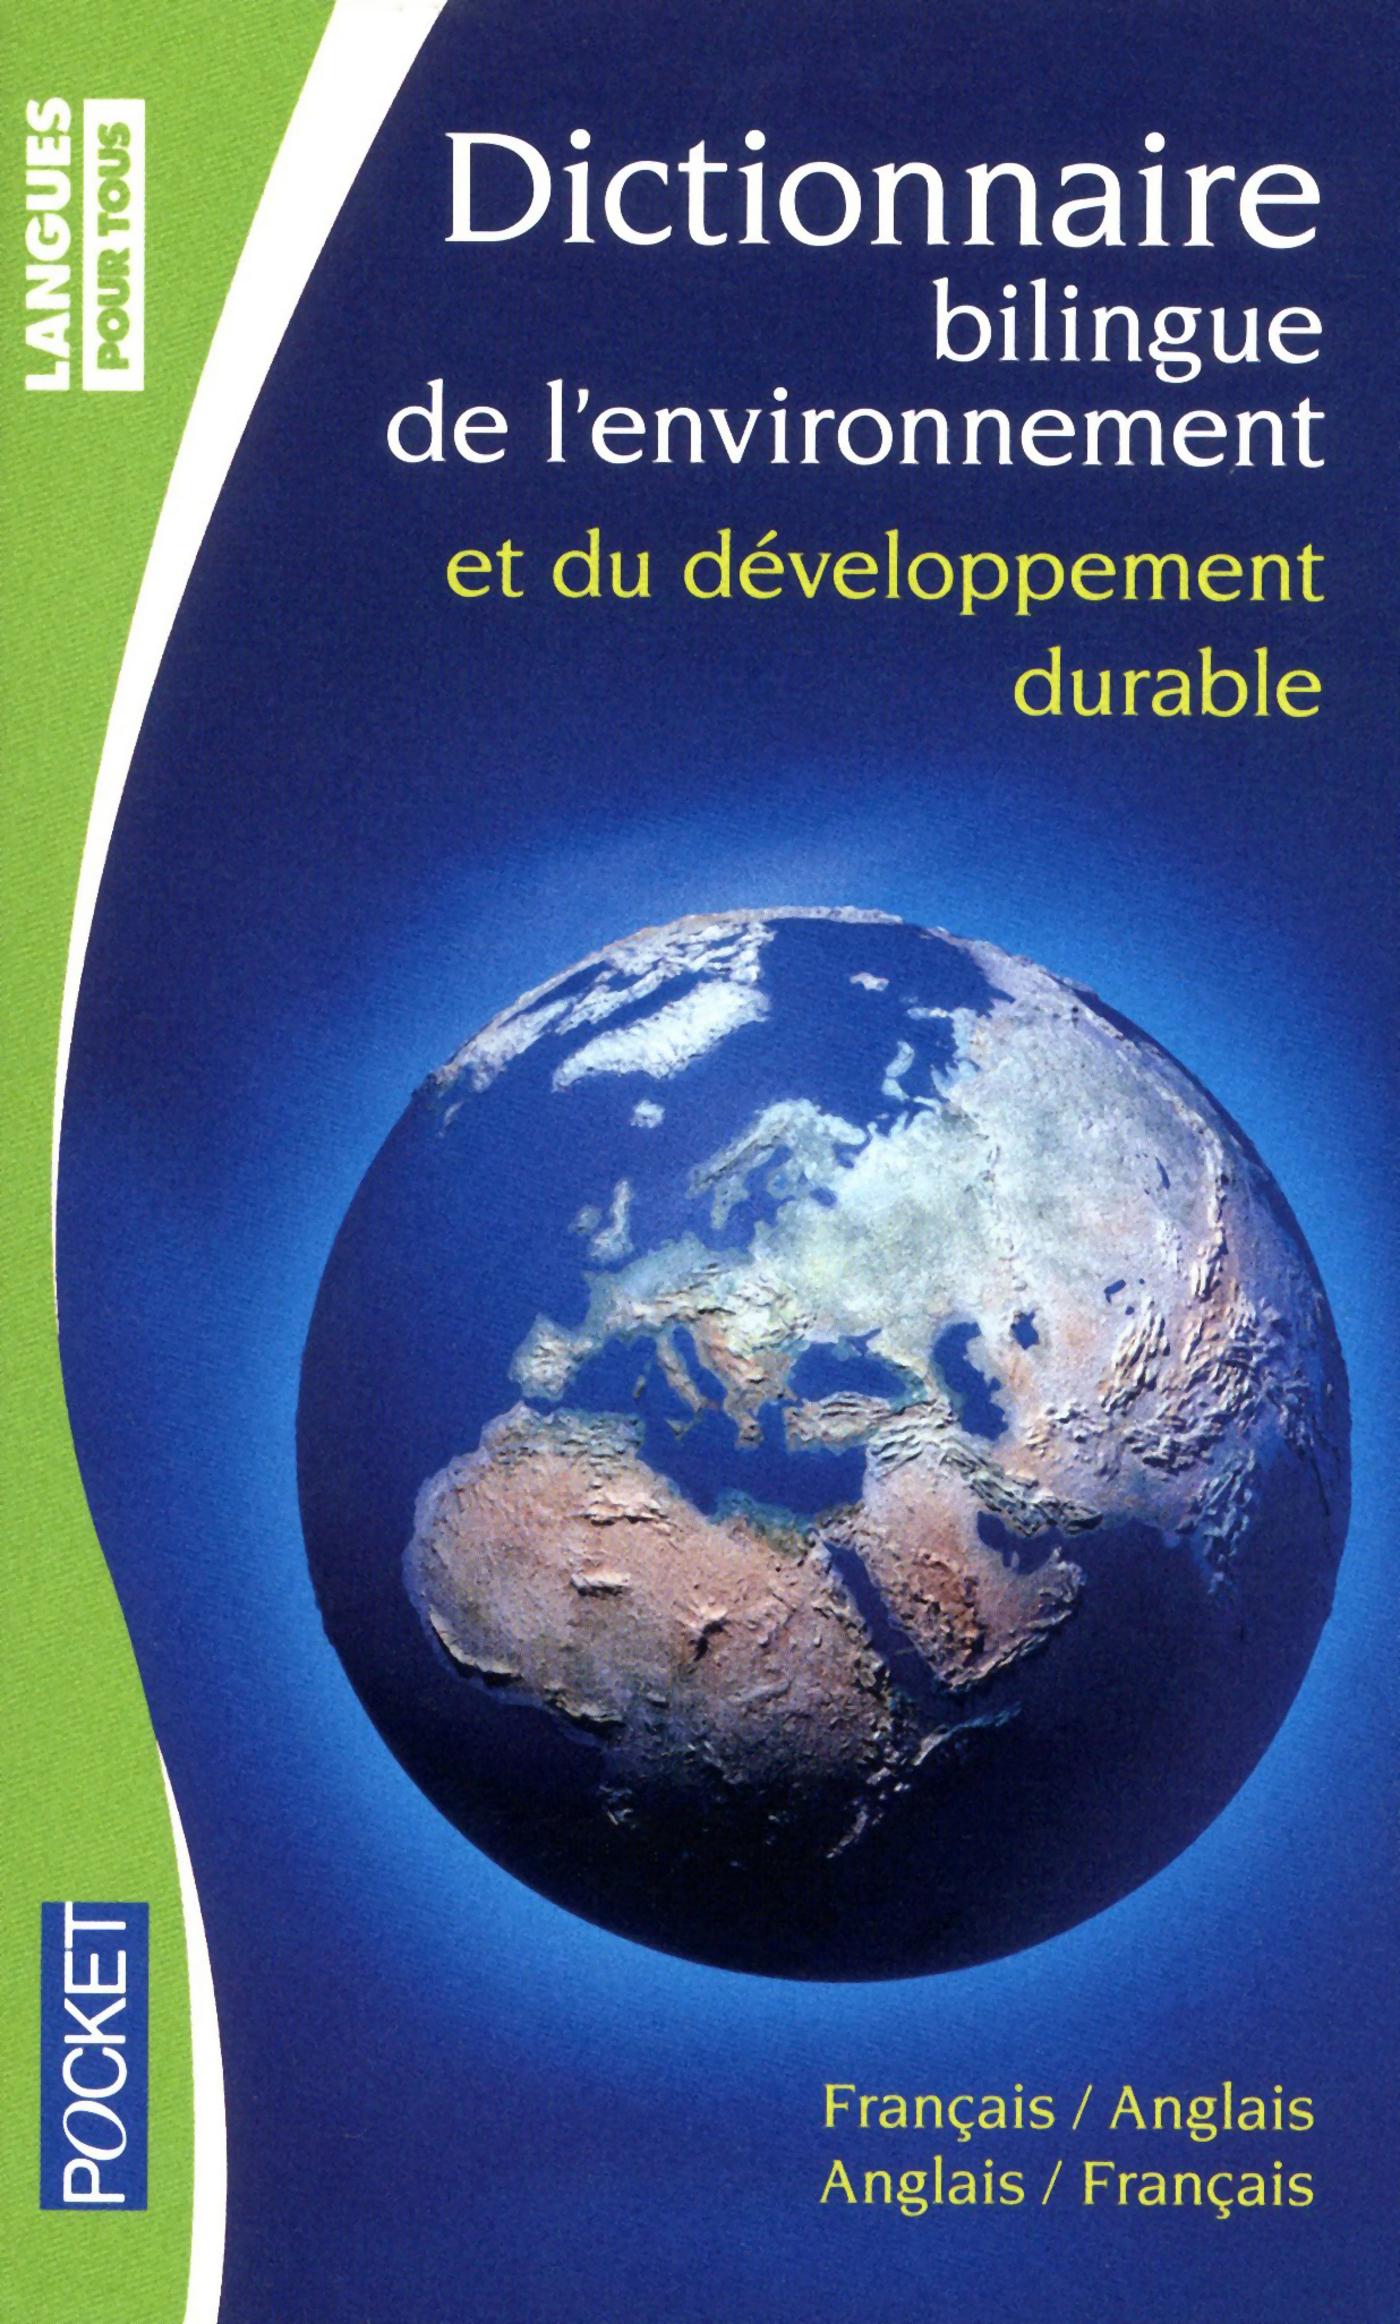 Dictionnaire de l'environnement et du développement durable